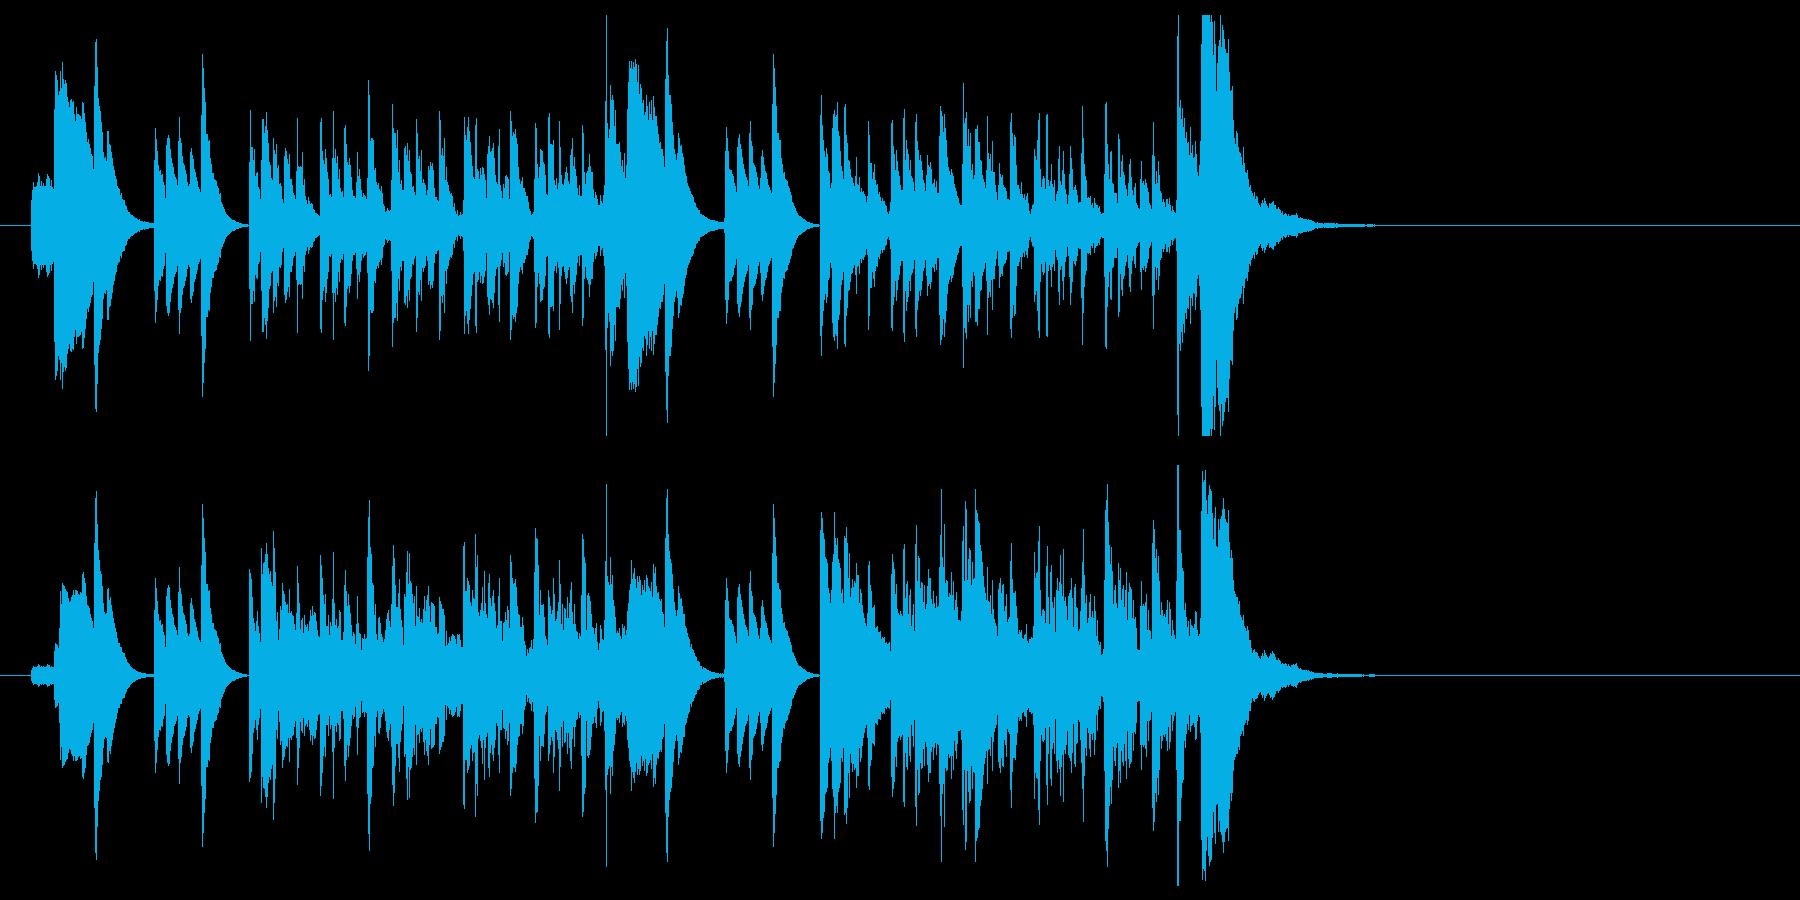 ピアノと木琴による軽快でおしゃれな小曲の再生済みの波形